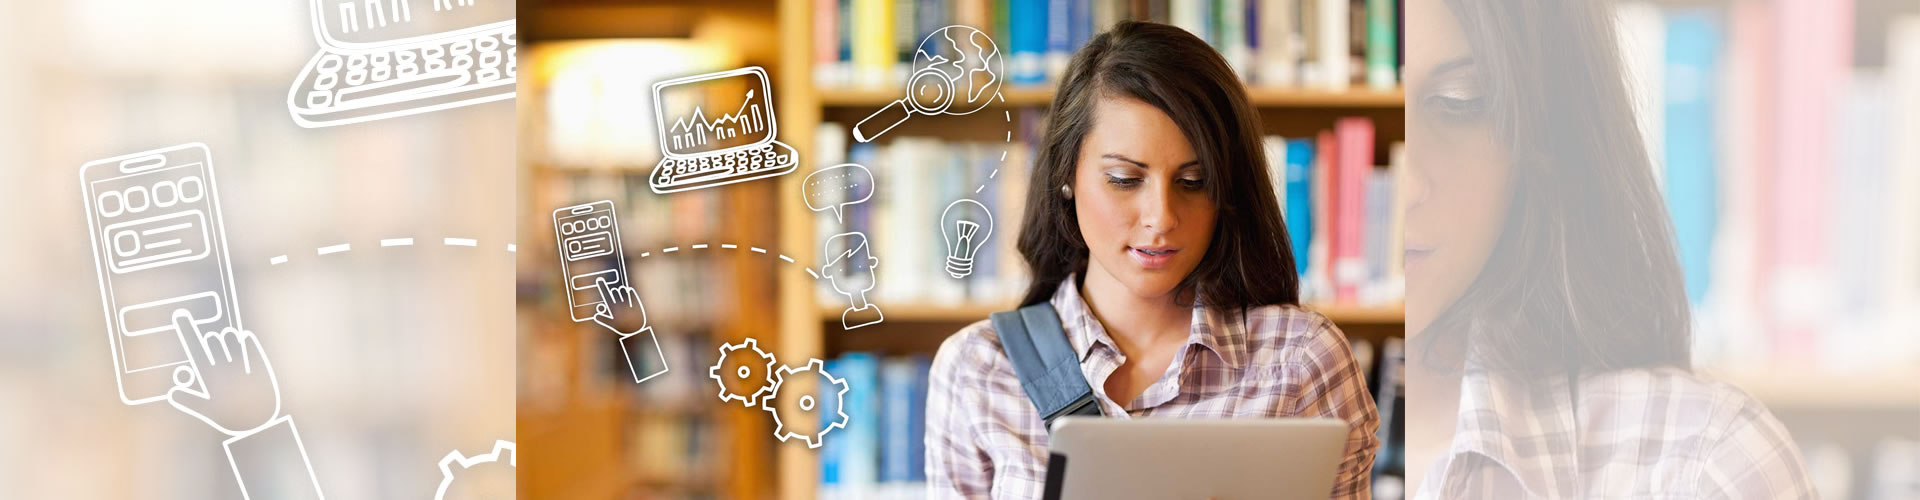 Soluciones tecnológicas en el sector educativo